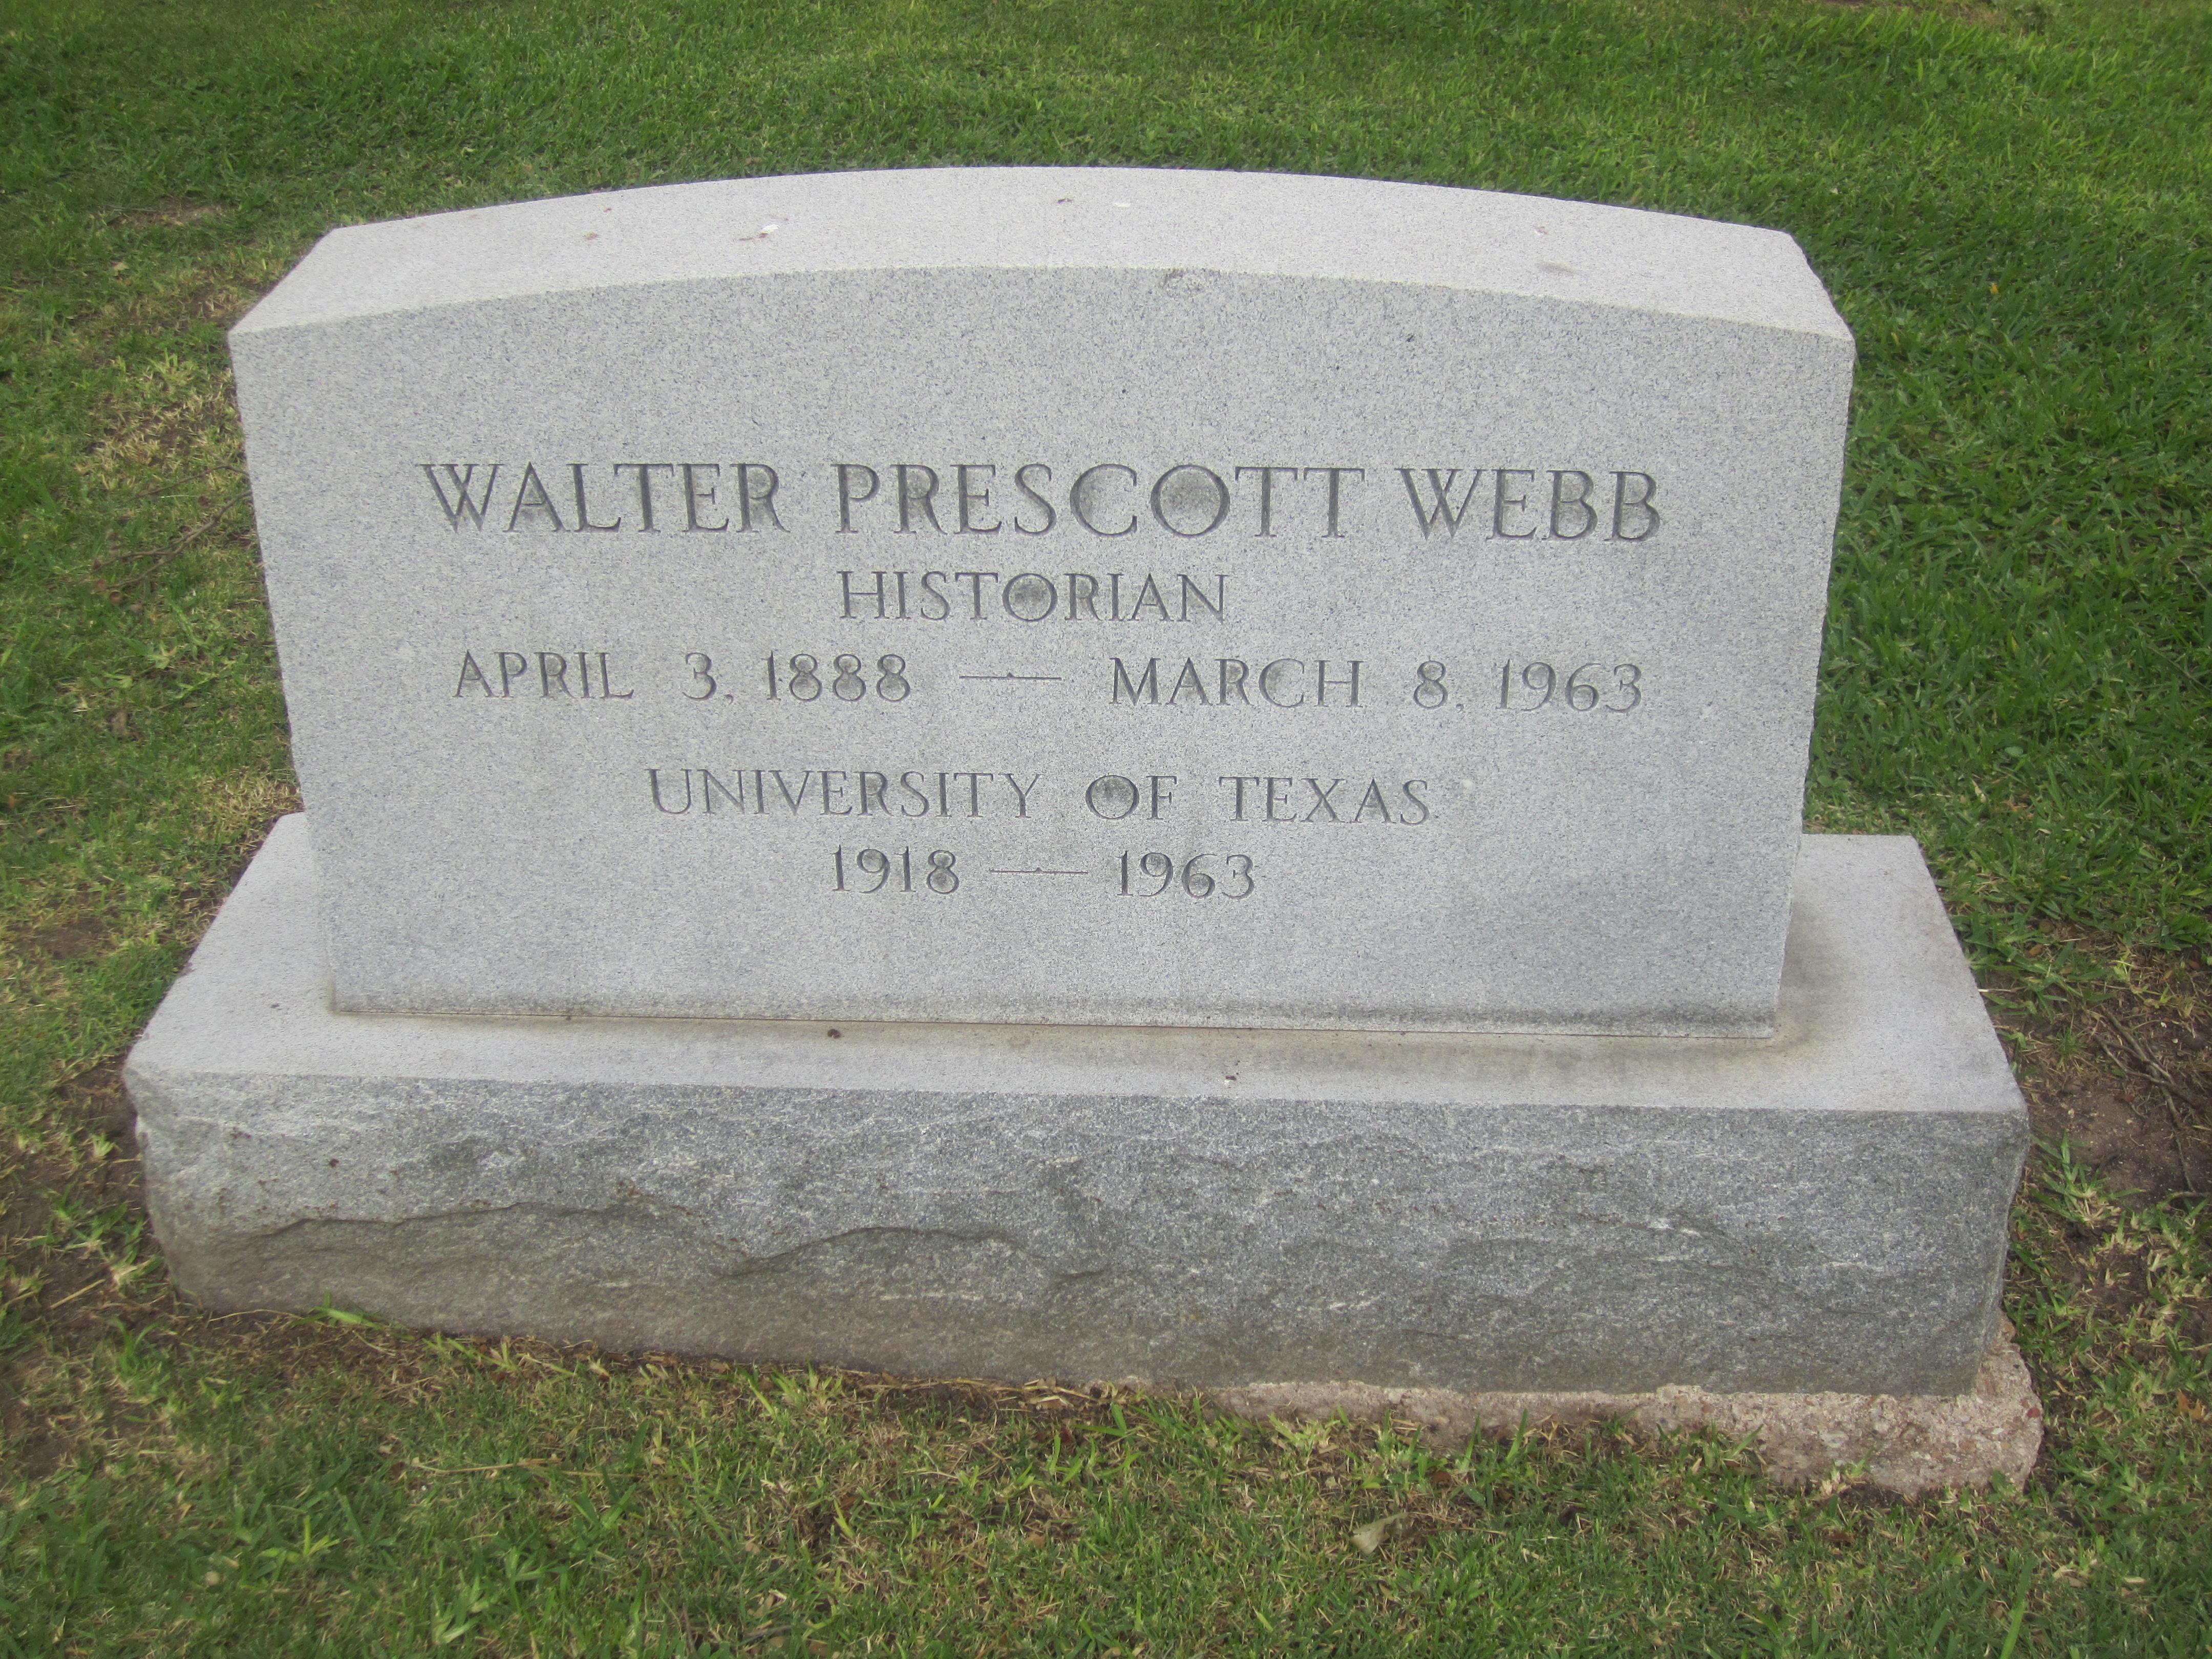 File:Walter Prescott Webb monument, Austin, TX IMG 2173.JPG